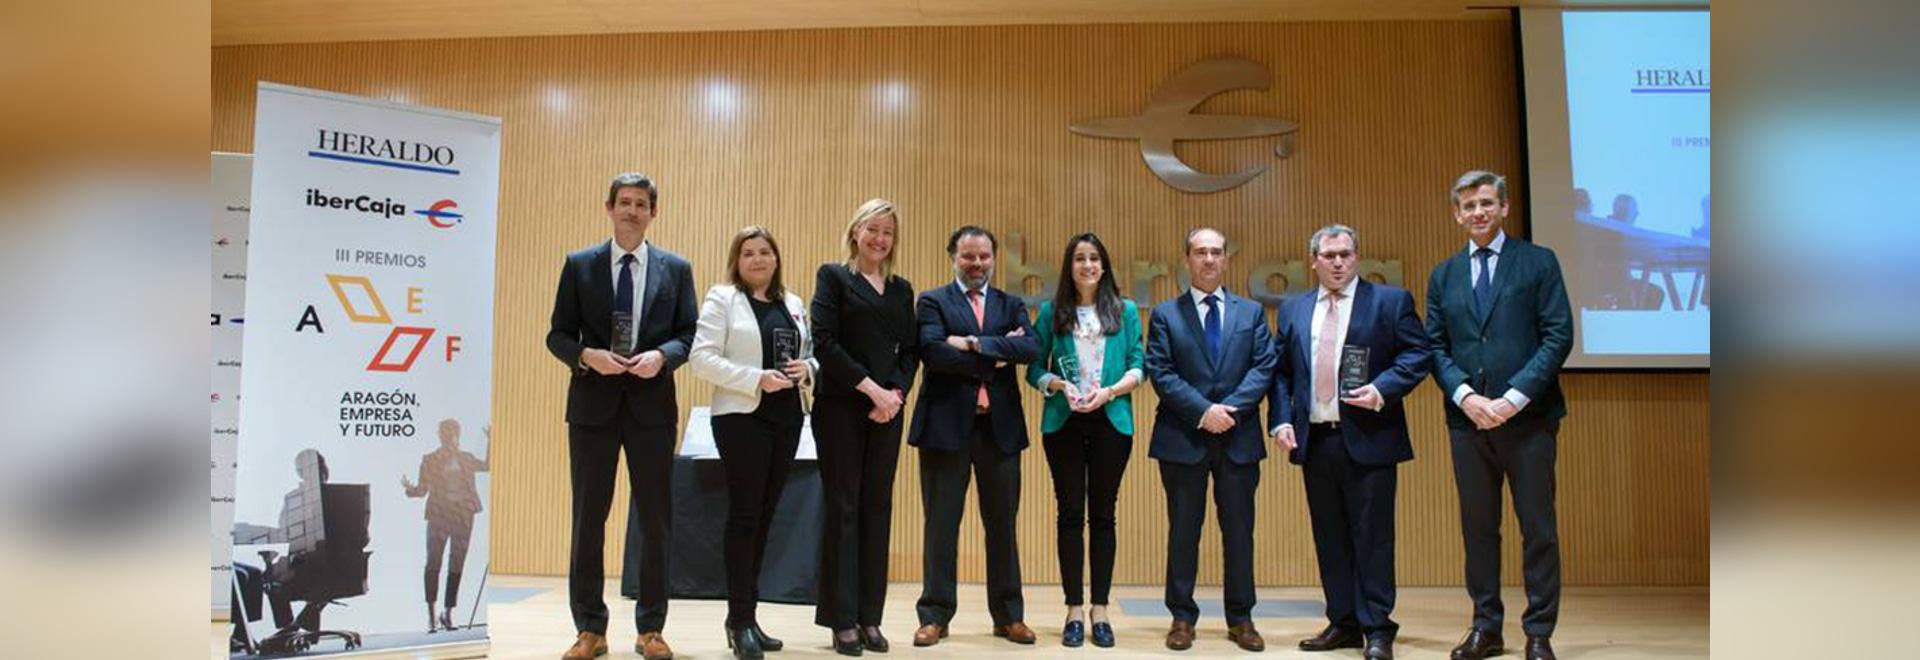 Airfal receives the Aragón Enterprise and Future Award regarding Social Responsibility